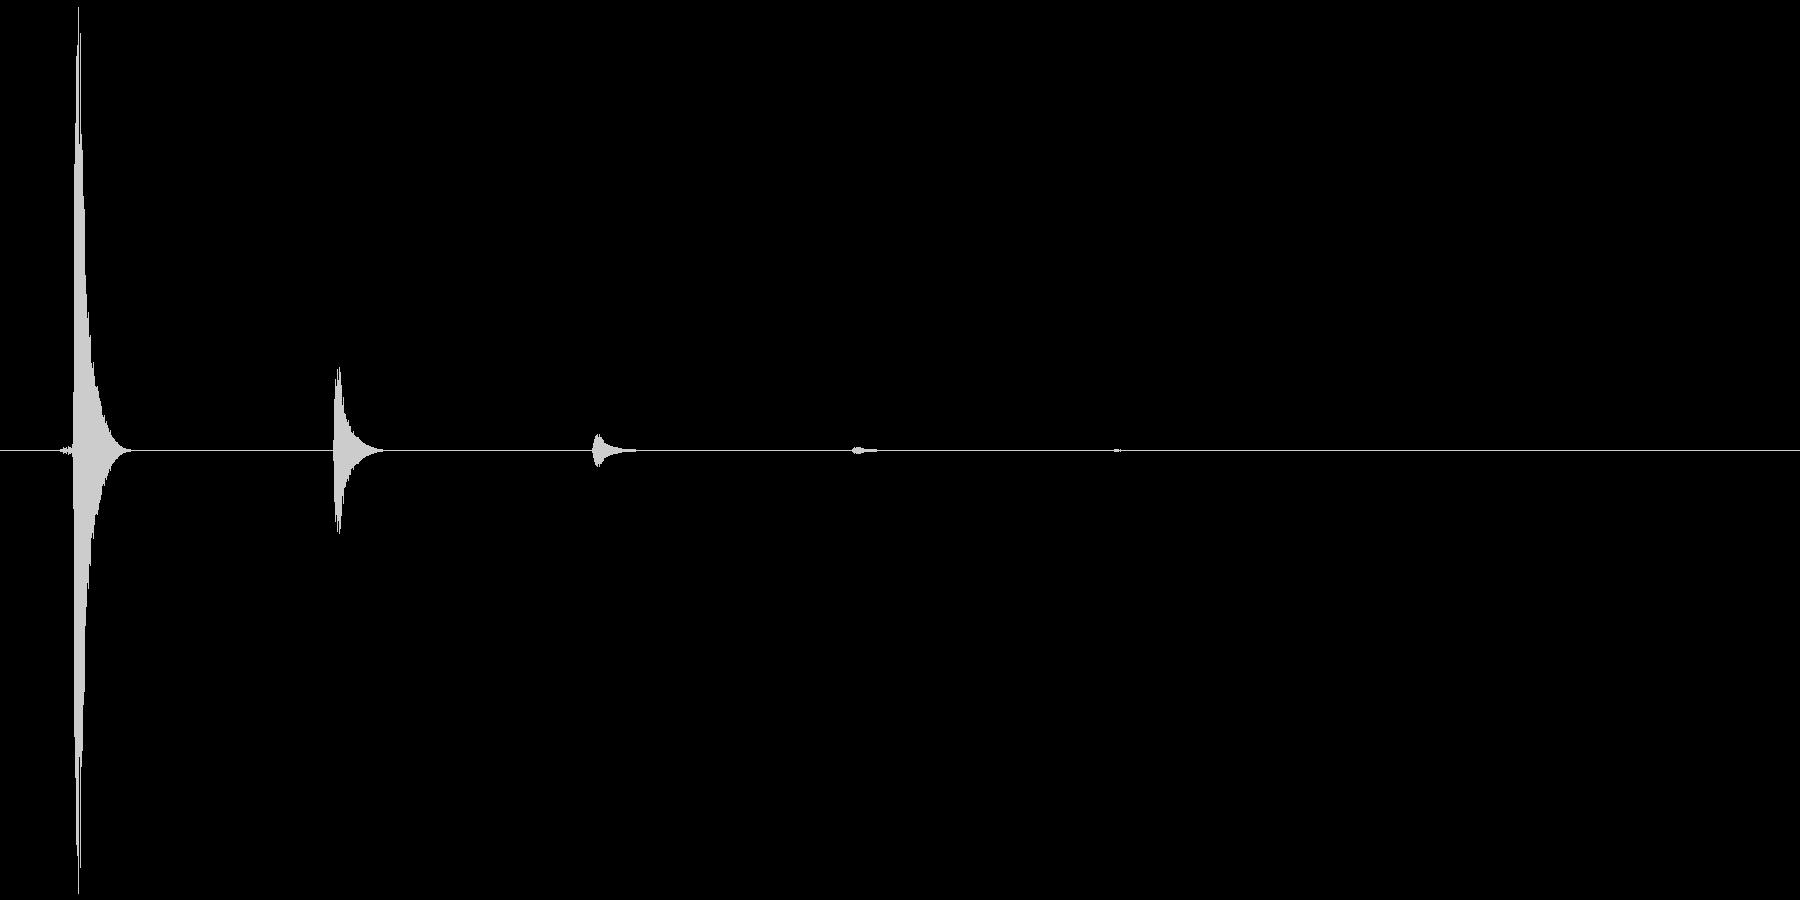 シンプルなクリック音1の未再生の波形